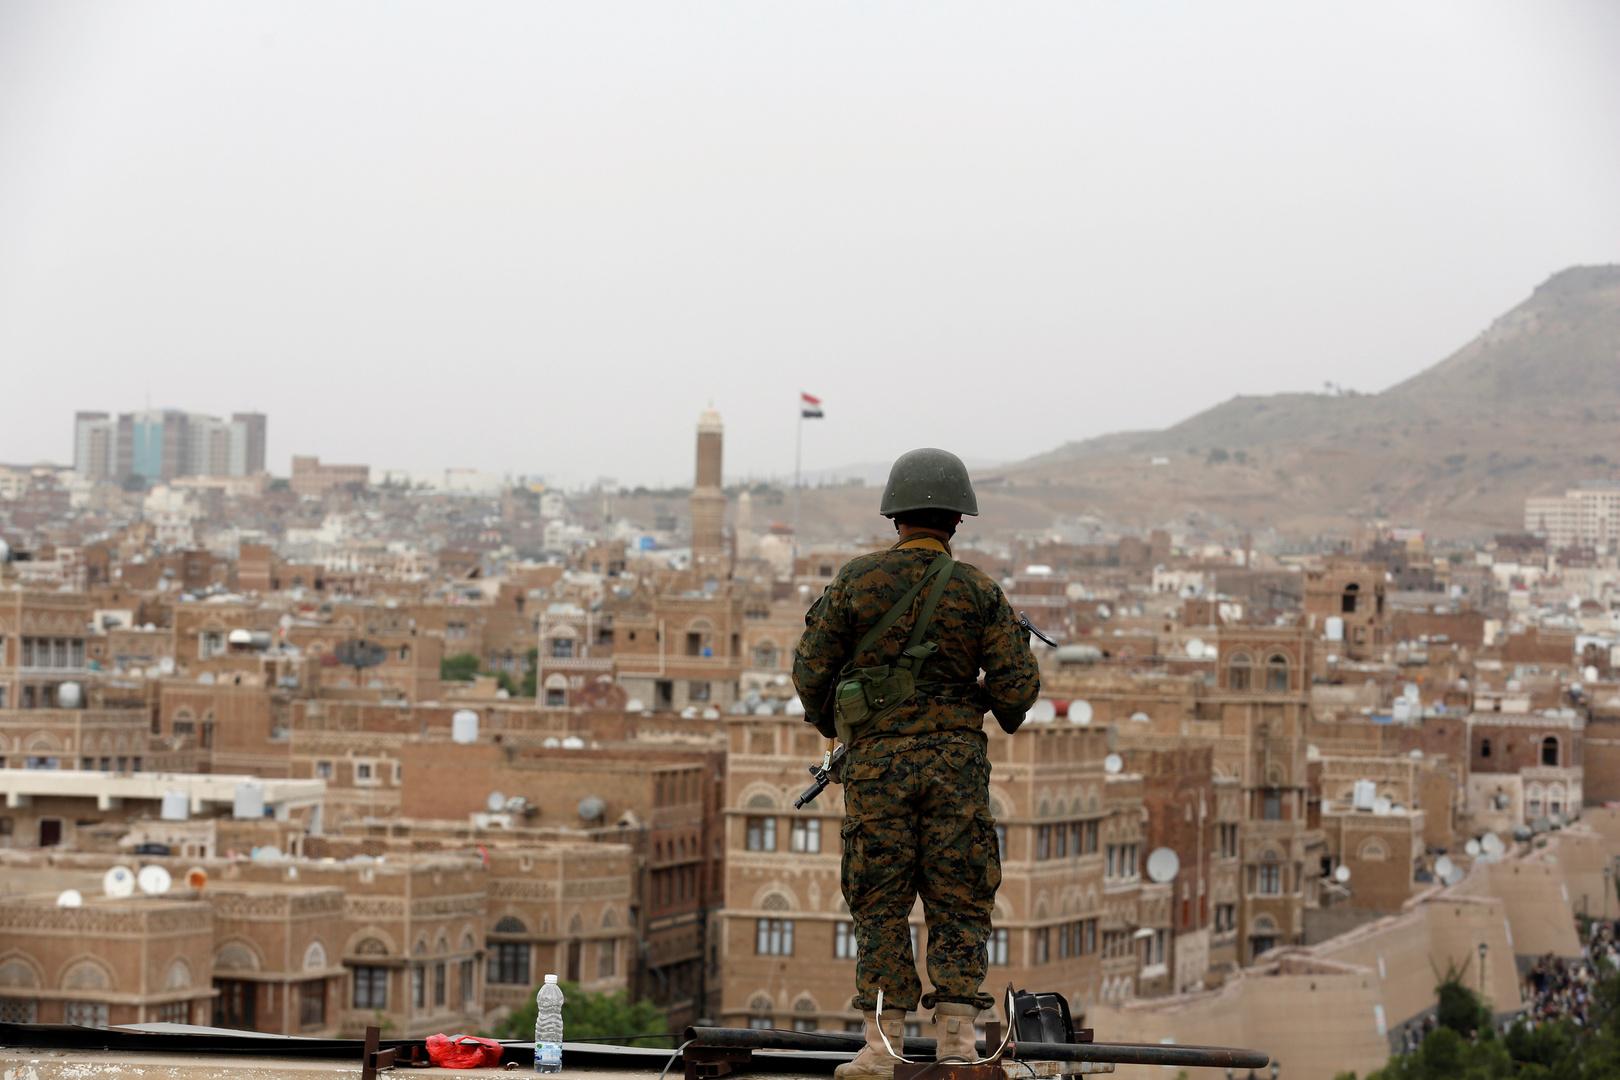 التحالف العربي يعترض طائرة مسيرة أطلقها الحوثيون صوب جنوب السعودية